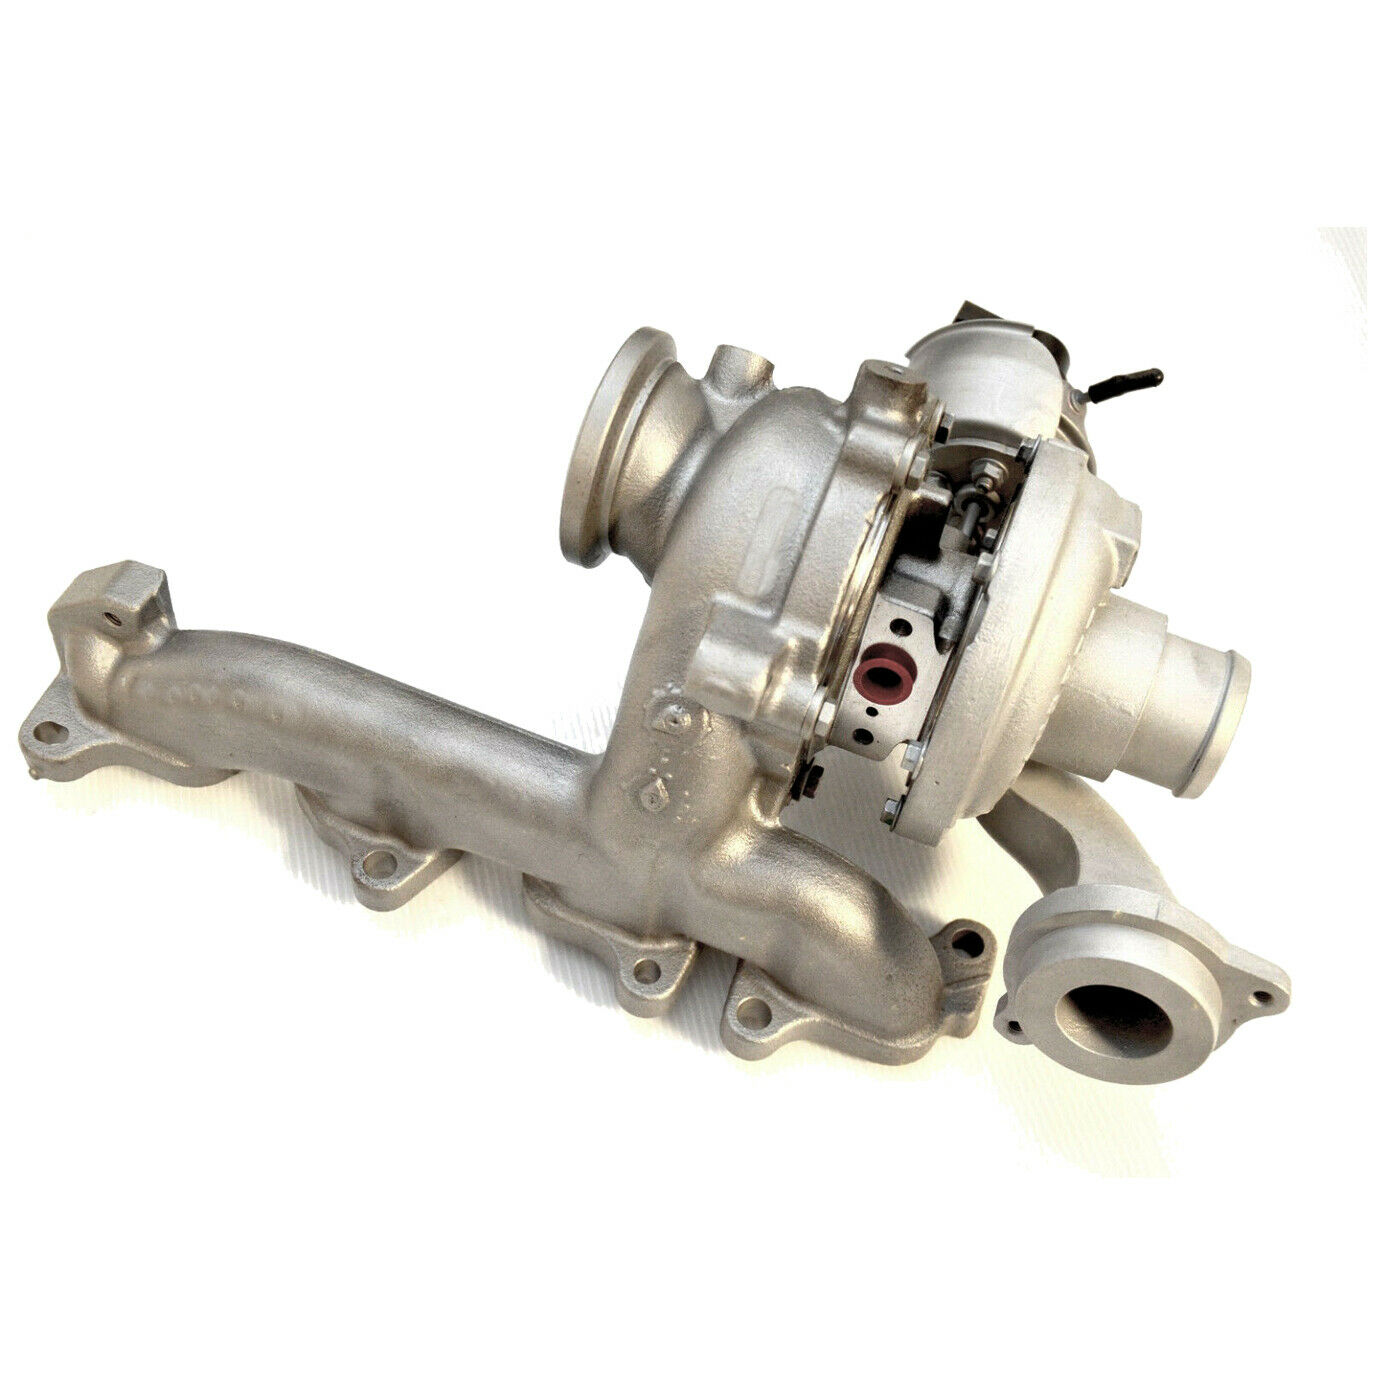 AP01 Turbo Turbocharger VW Perajin 30-35 30-50 Amarok 2.0 TDI Cktc Cktb Cnfa 803955 803955- 0003 803955-5005 803955-0005